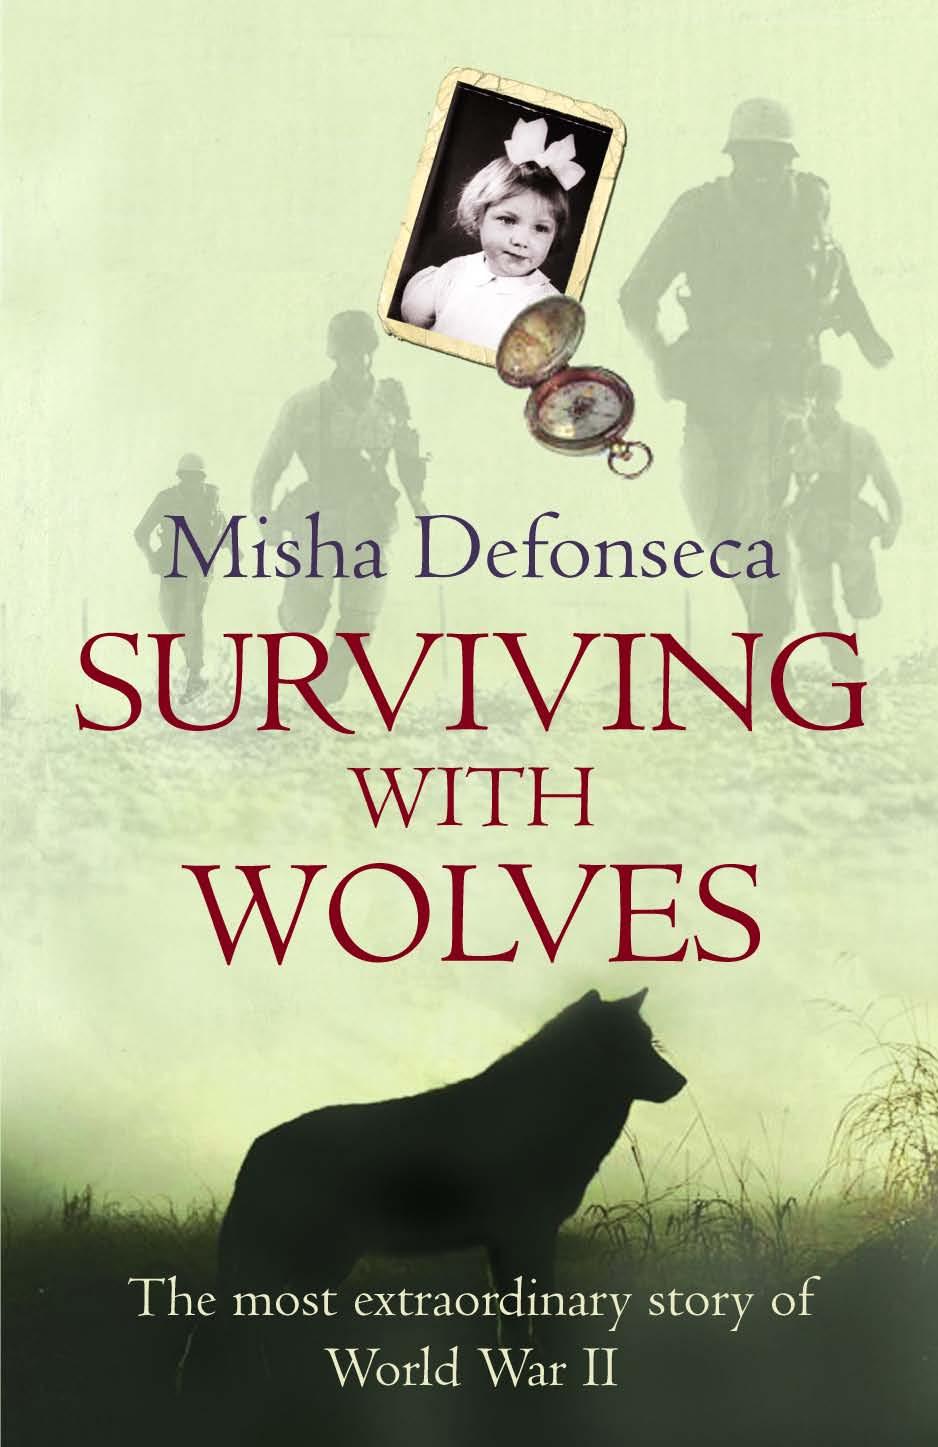 survivre avec les loups movie